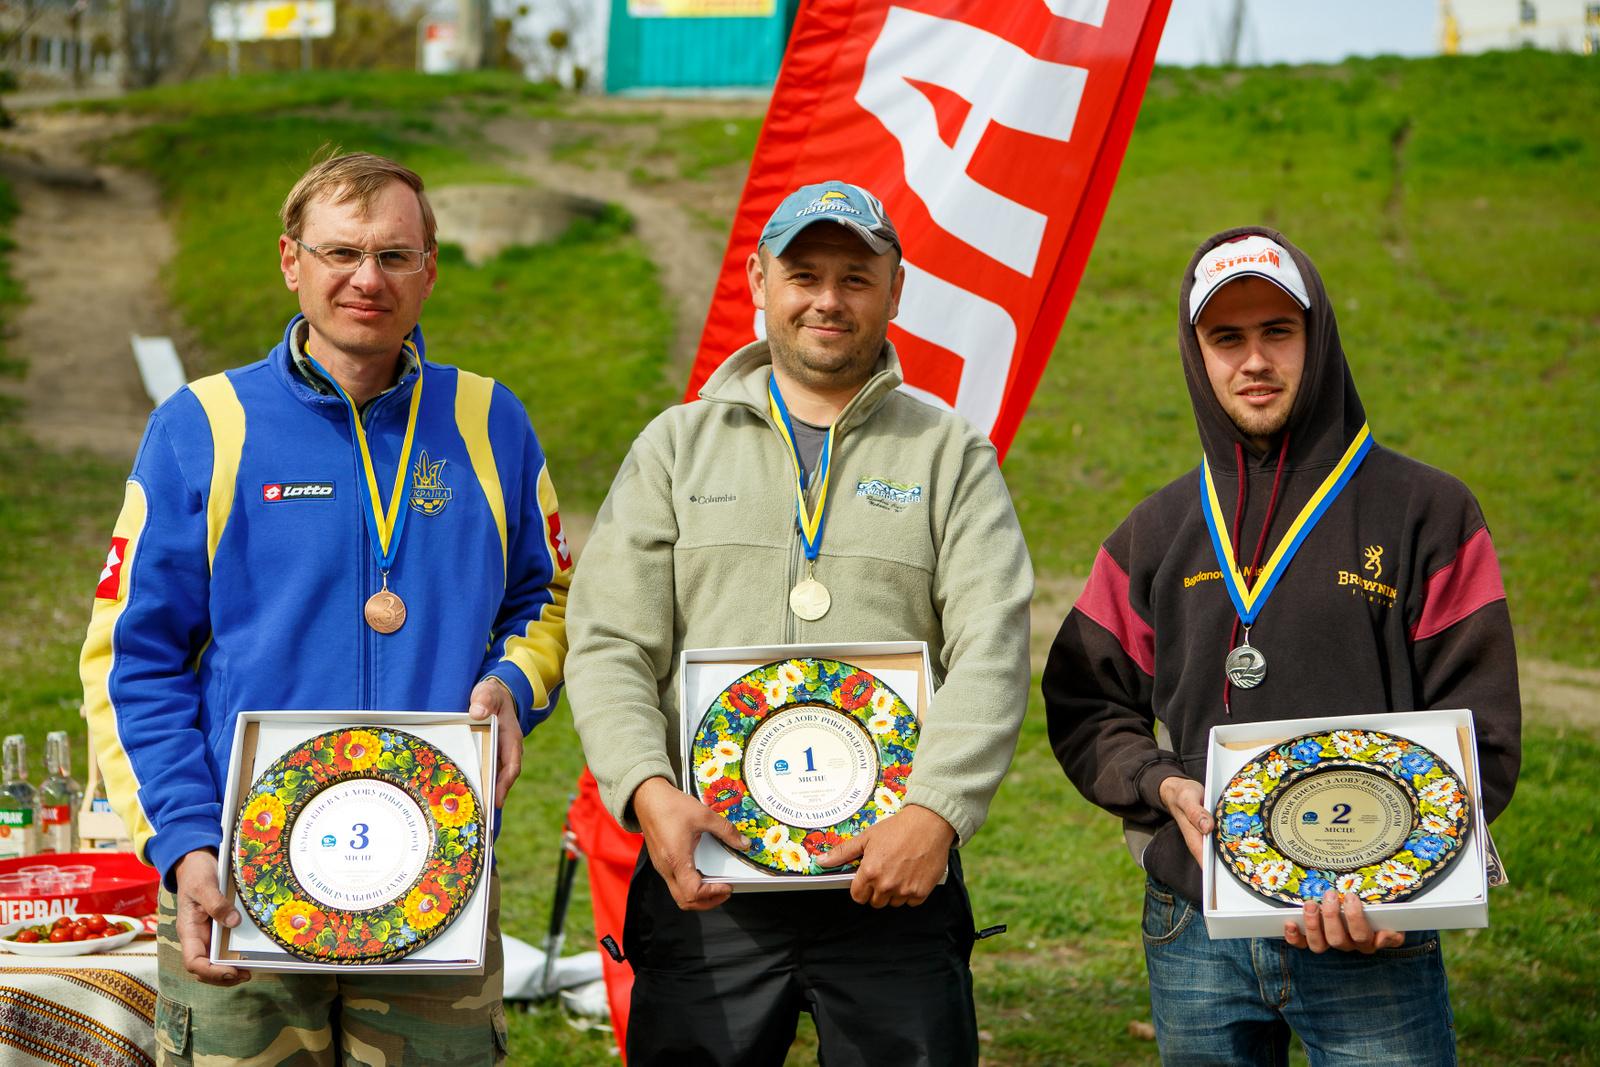 Фото: Призеры «Первак-Кубка Киева» по рыбной ловле на фидер.